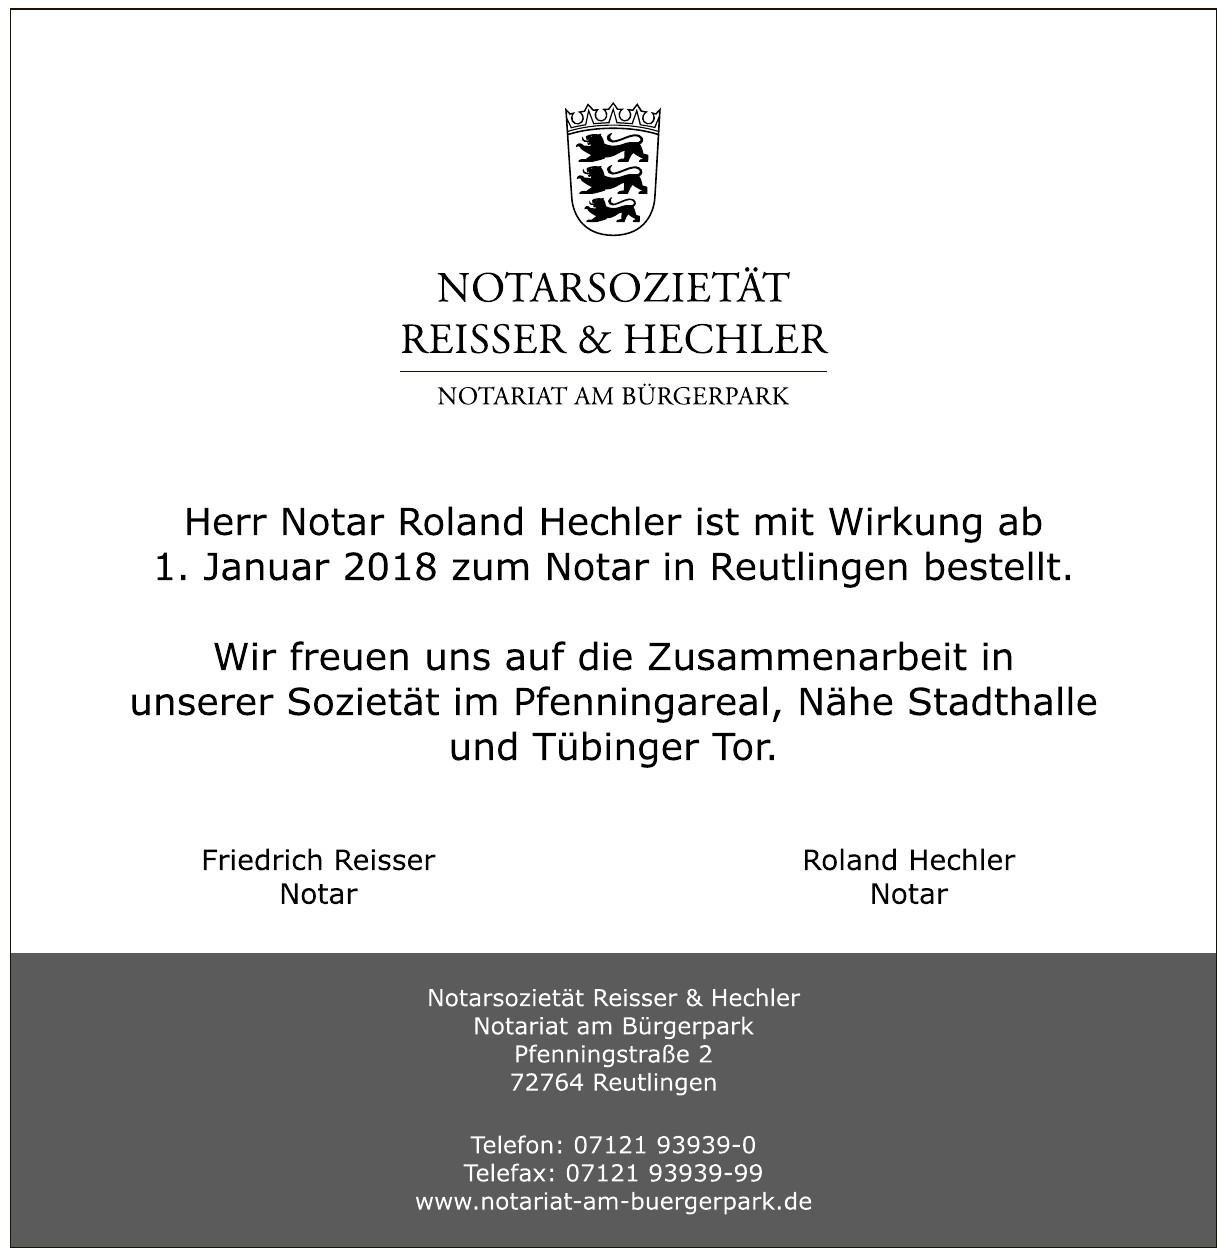 Notar Friedrich Reisser, Notar Roland Hechler